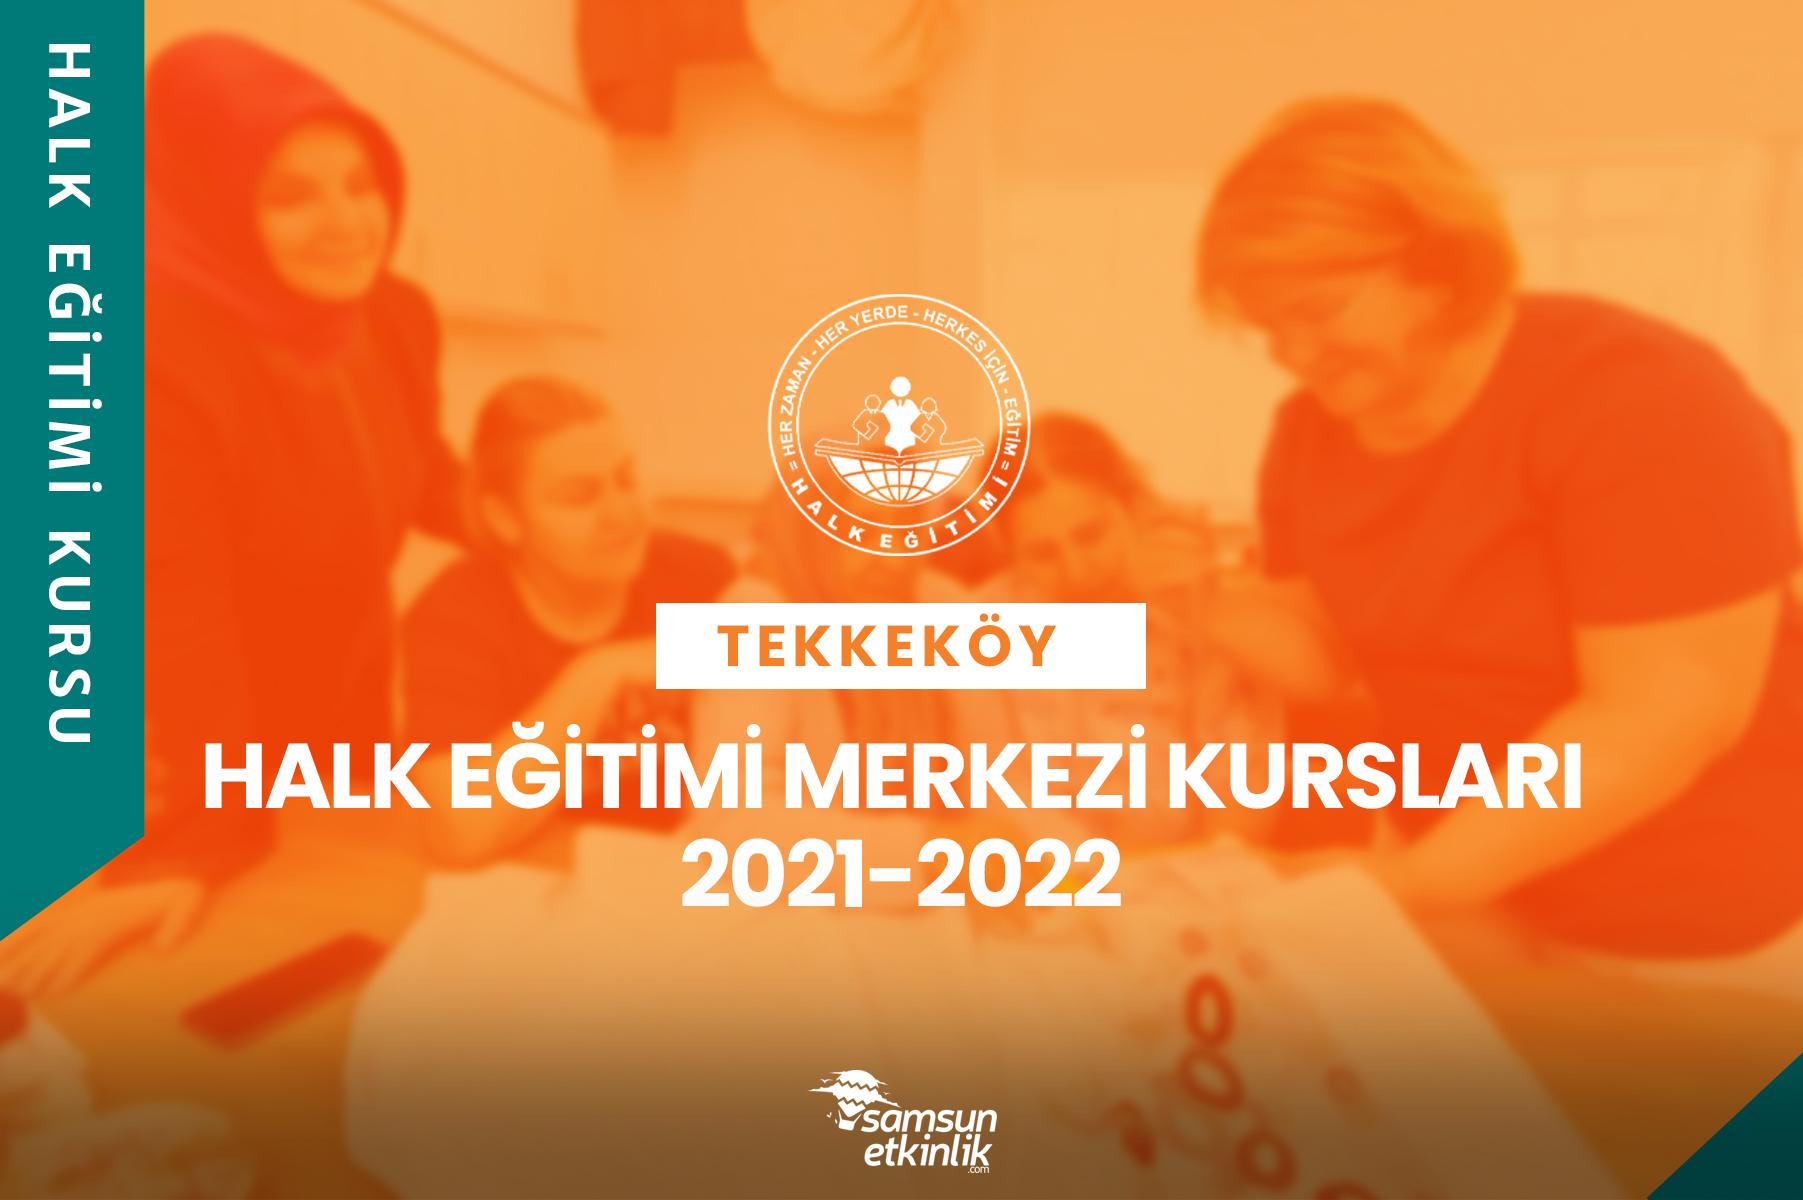 Samsun Tekkeköy Halk Eğitimi Merkezi Kursları 2021-2022